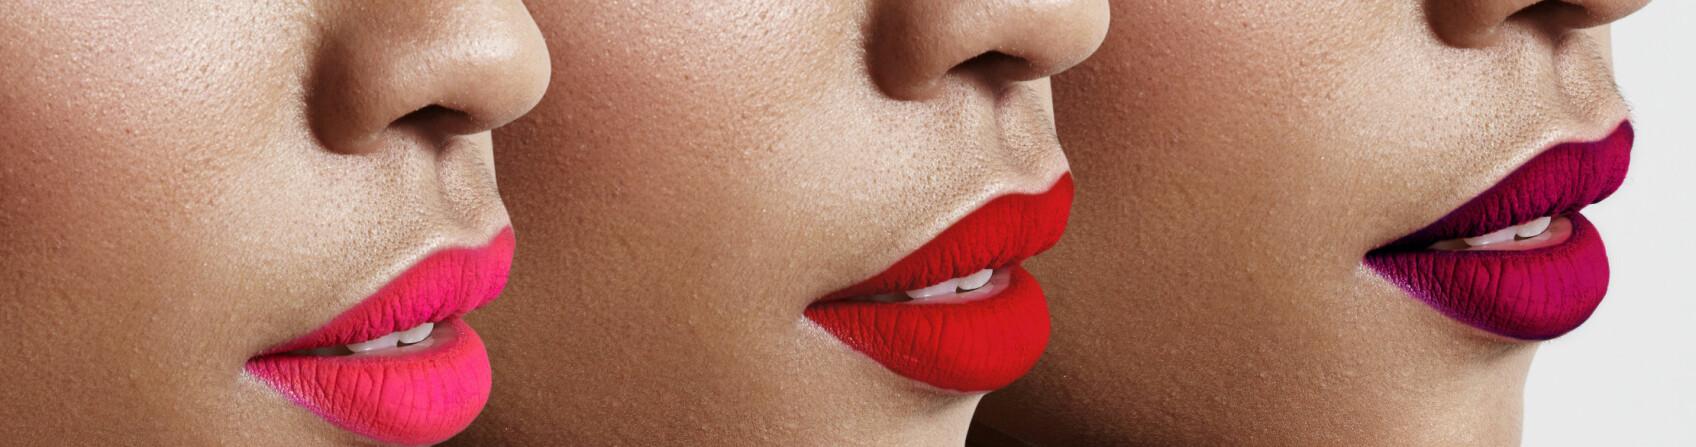 NOE FOR ALLE: LA Splash Cosmetics har kommet med en leppestiftkolleksjon inspirert av de kjente og kjære Disney-prinsessene. FOTO: Scanpix